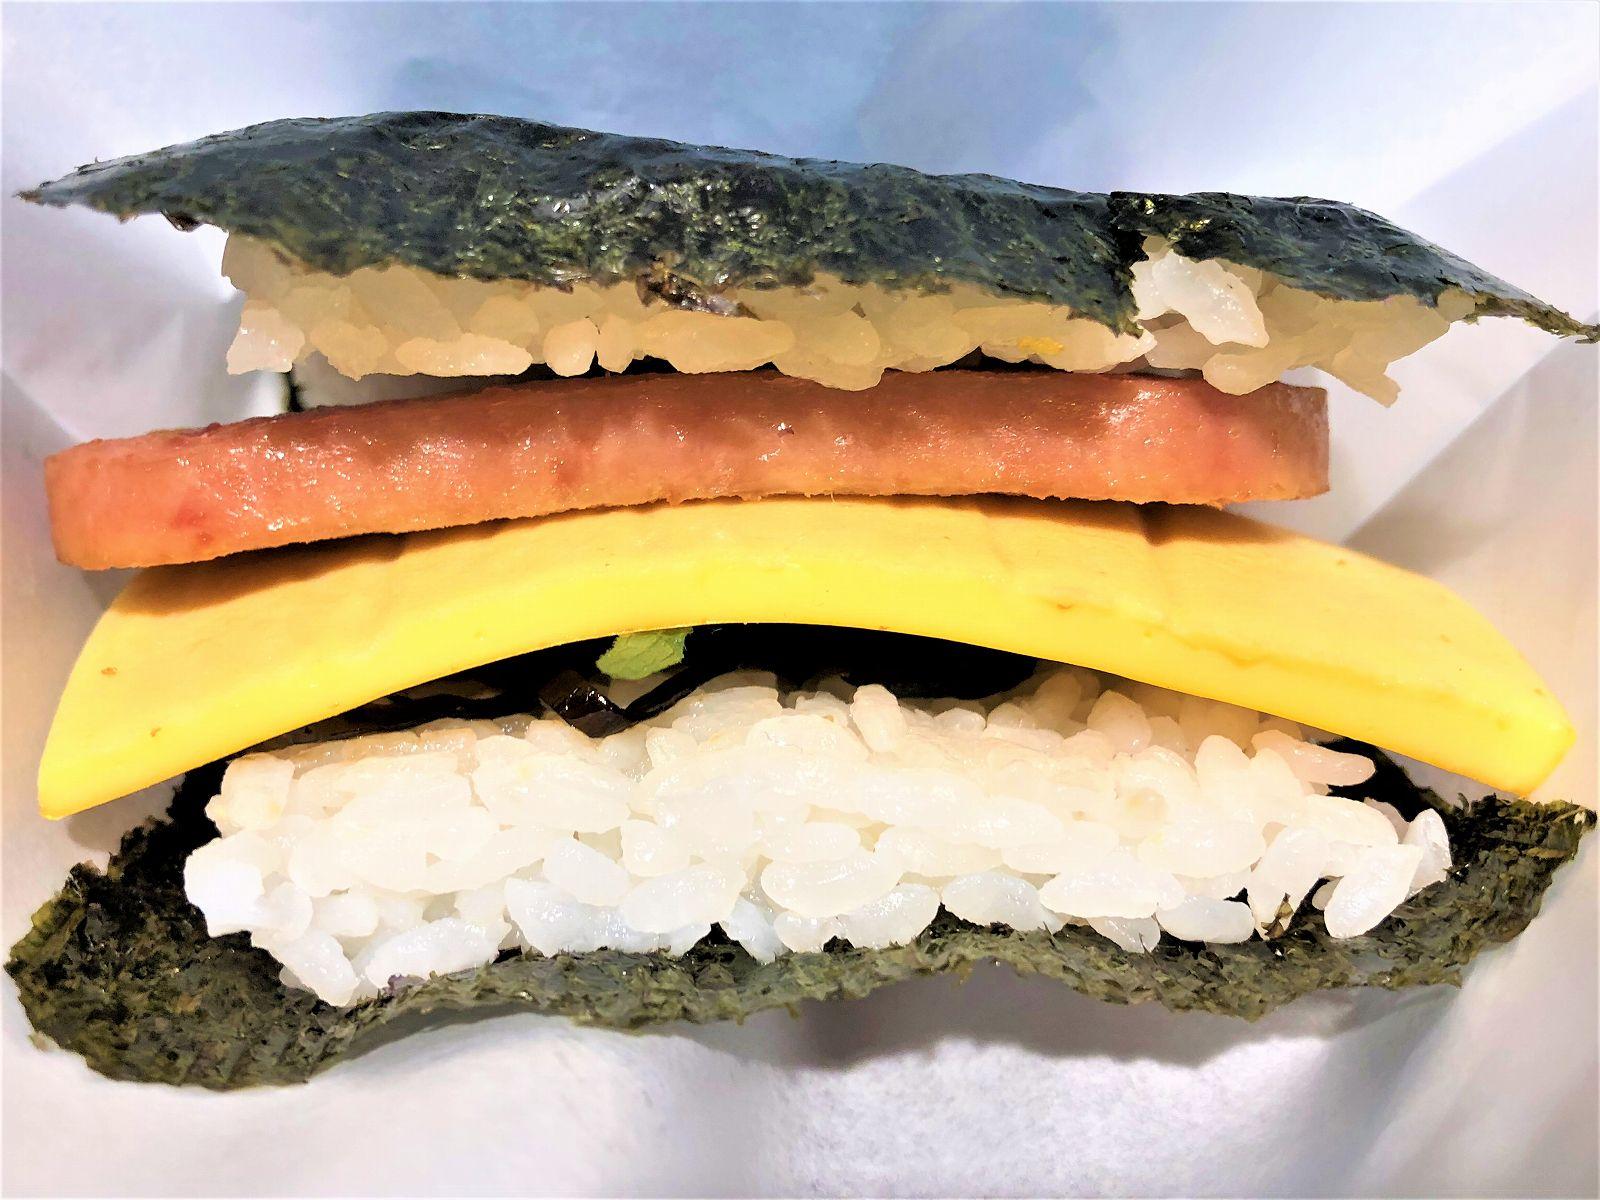 【期間限定出店】肉厚スパムがうまい「おにぎりバーガー」を食べてみた!阪神神戸三宮駅西口改札すぐ #おにぎりバーガー #インスタ映え #スパムむすび #神戸三宮 #ちちんぷいぷい